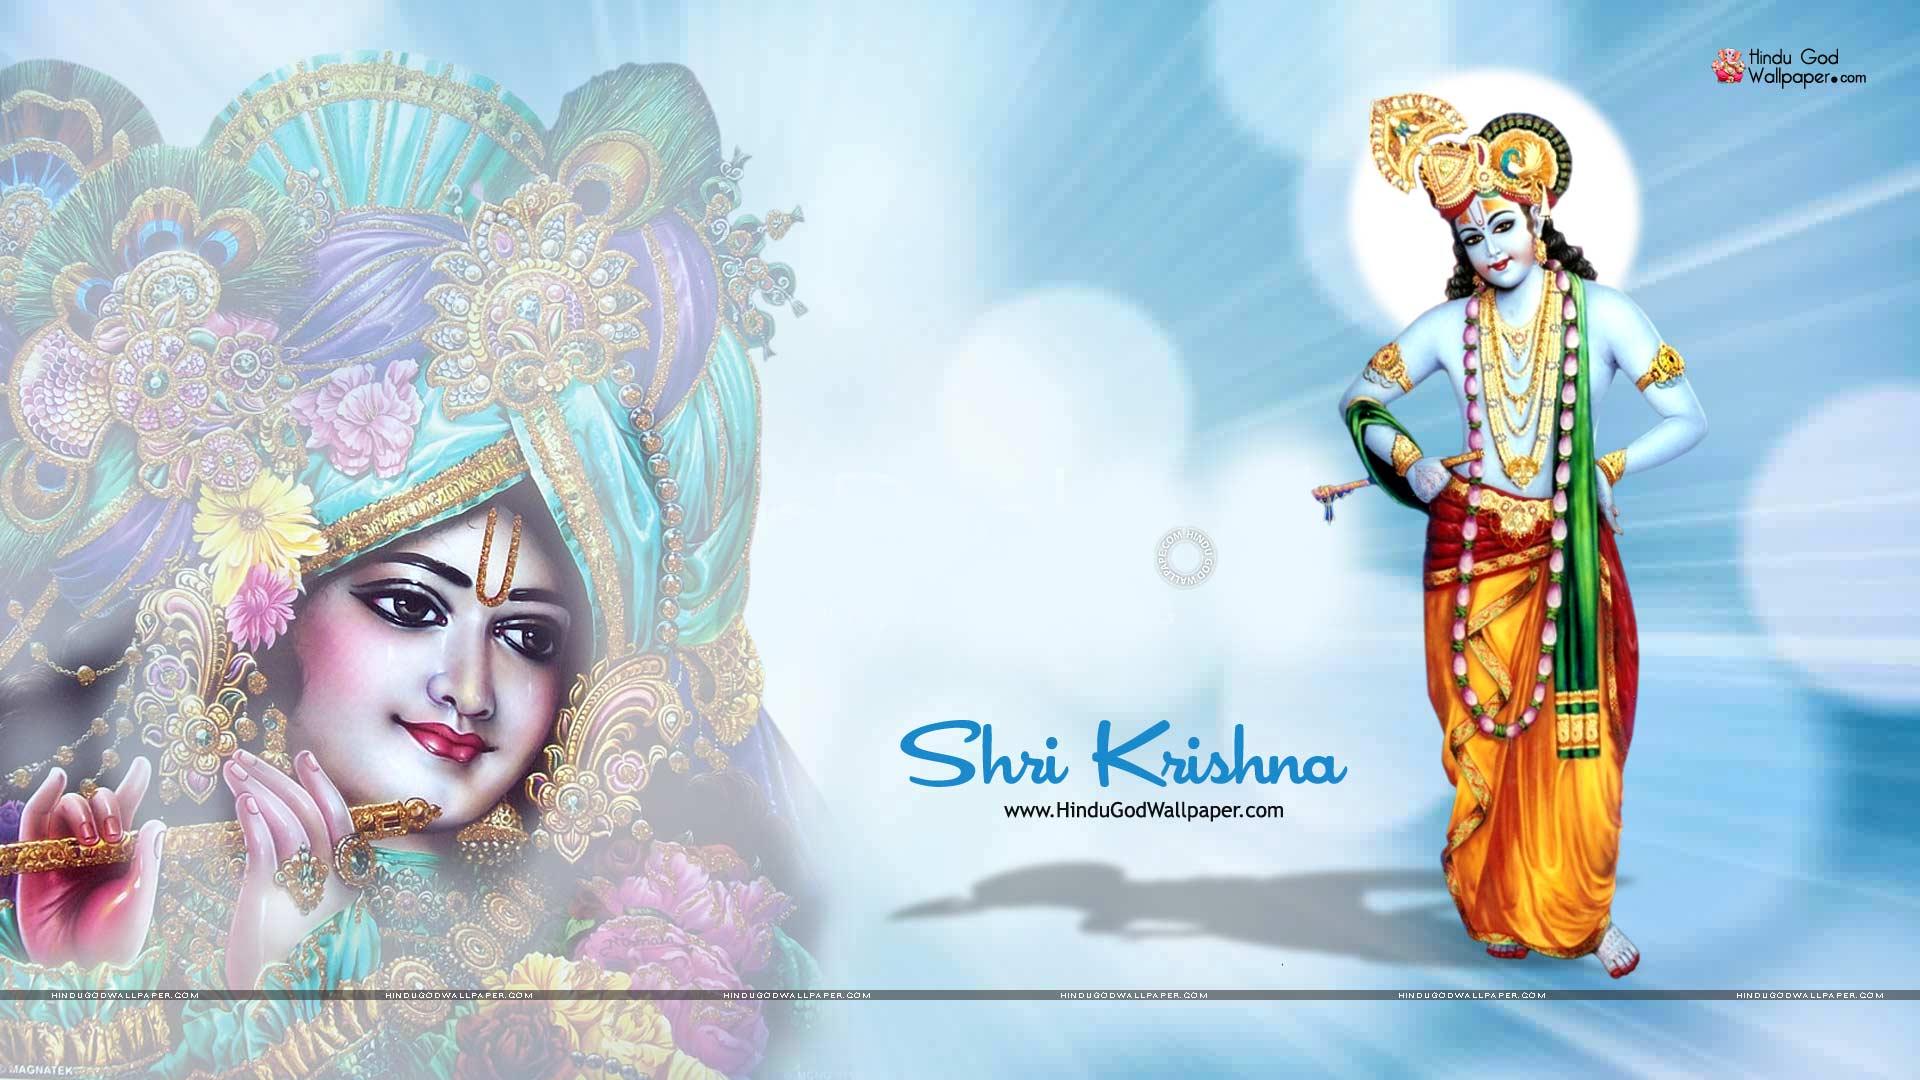 Lord Krishna Hd Wallpapers 1920x1080 Download - HD Wallpaper